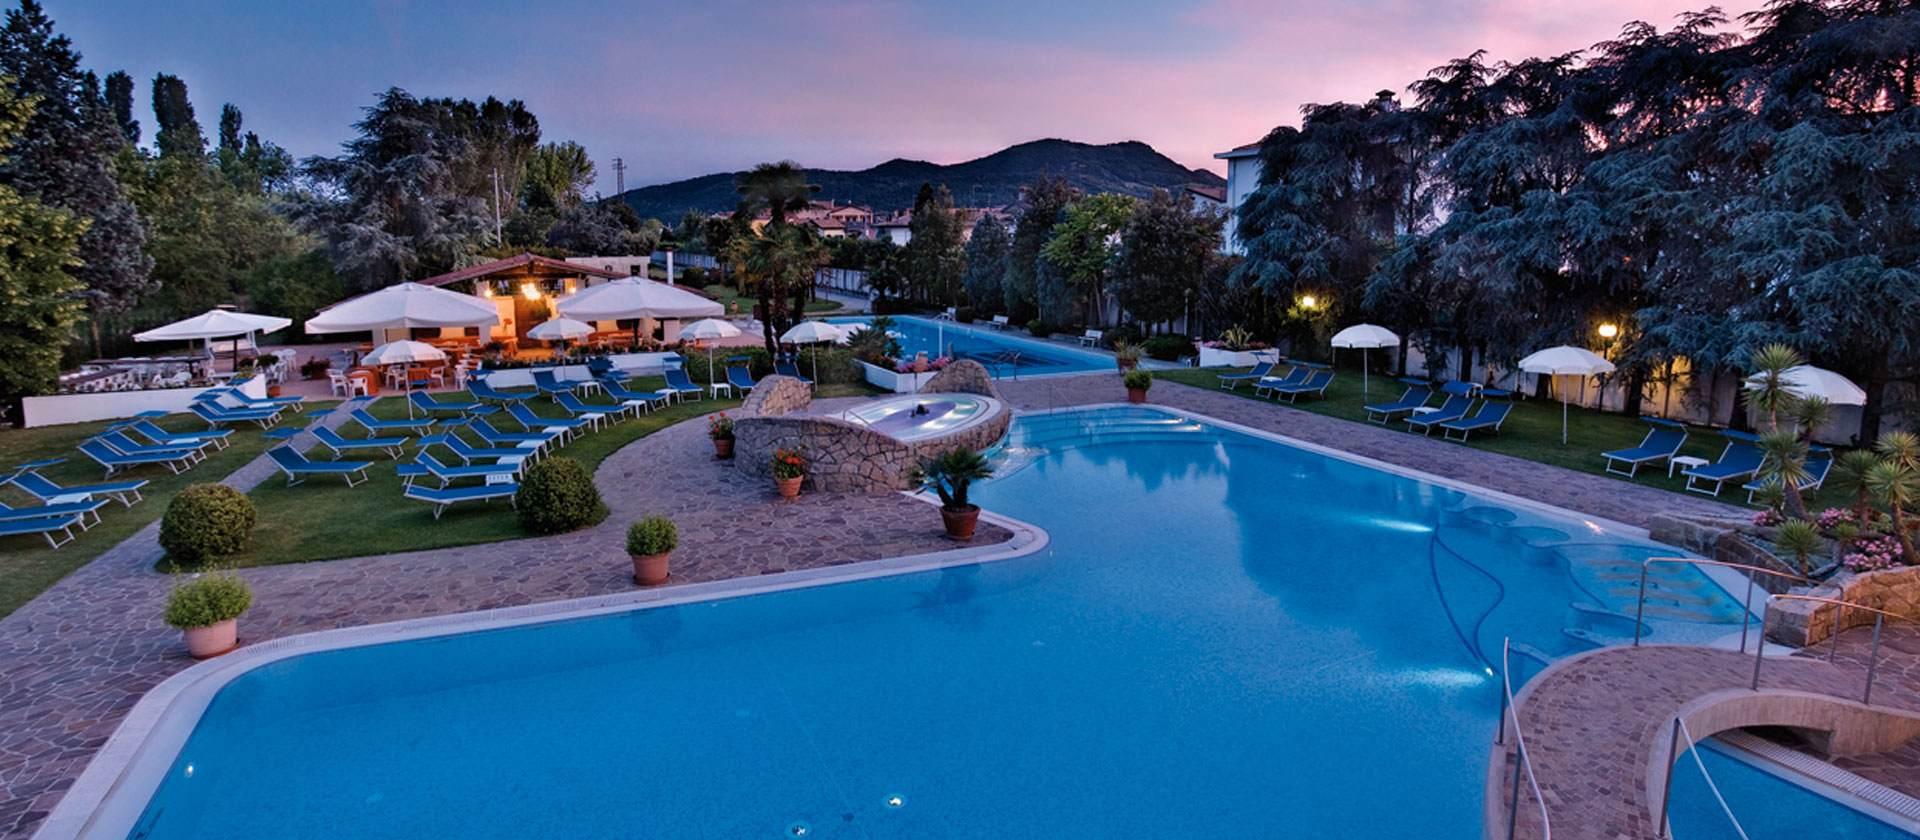 Hotel thermalkuren montegrotto terme hotel terme delle - Hotel preistoriche montegrotto prezzi piscine ...